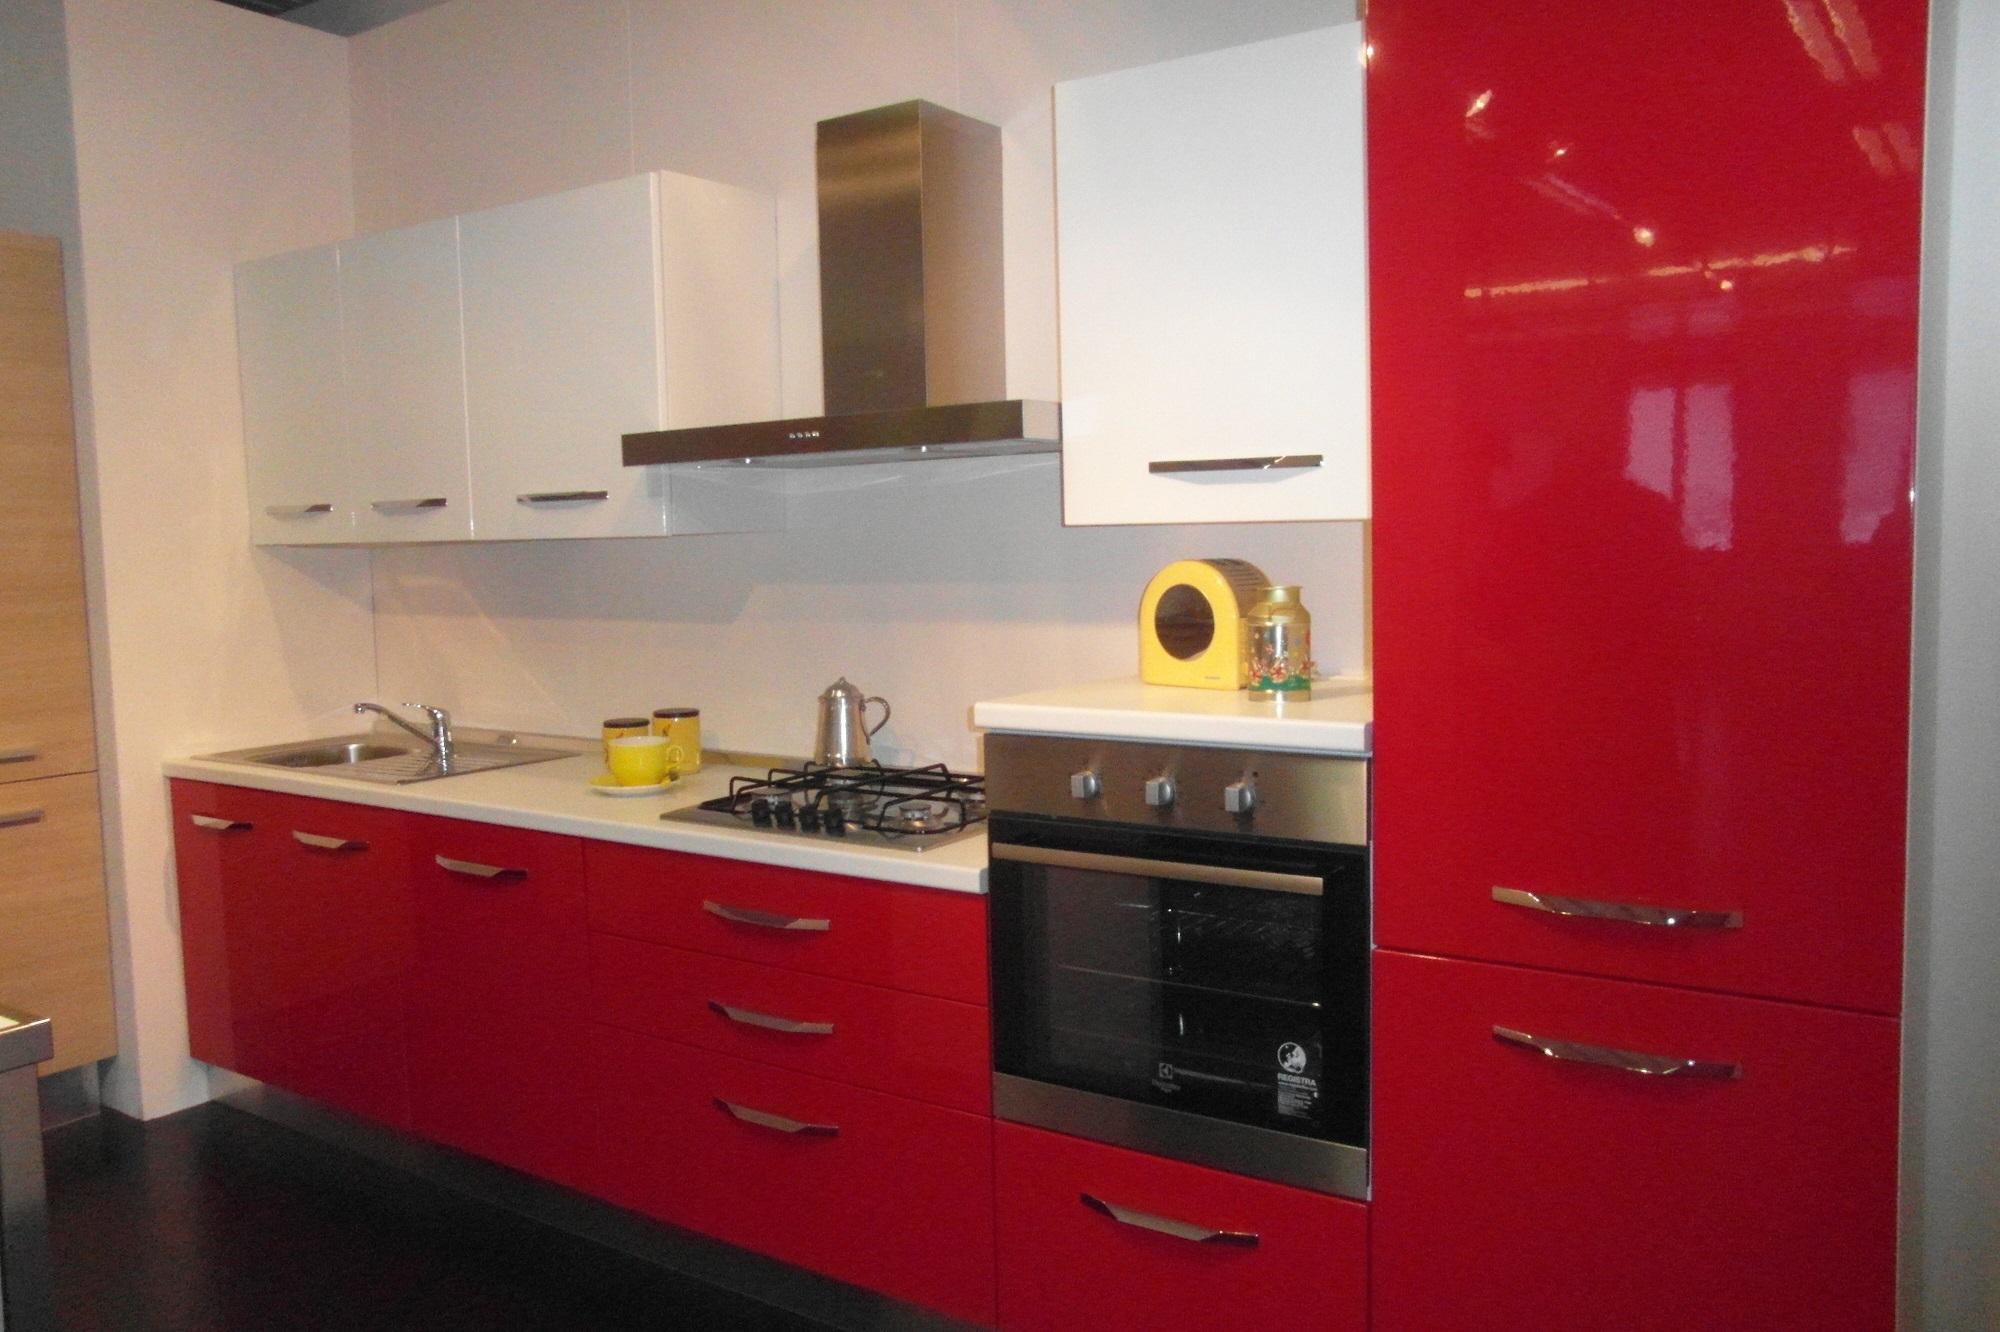 Cucina Moderna Lucida : Cucina moderna cucinesse laminato lucido cucine a prezzi